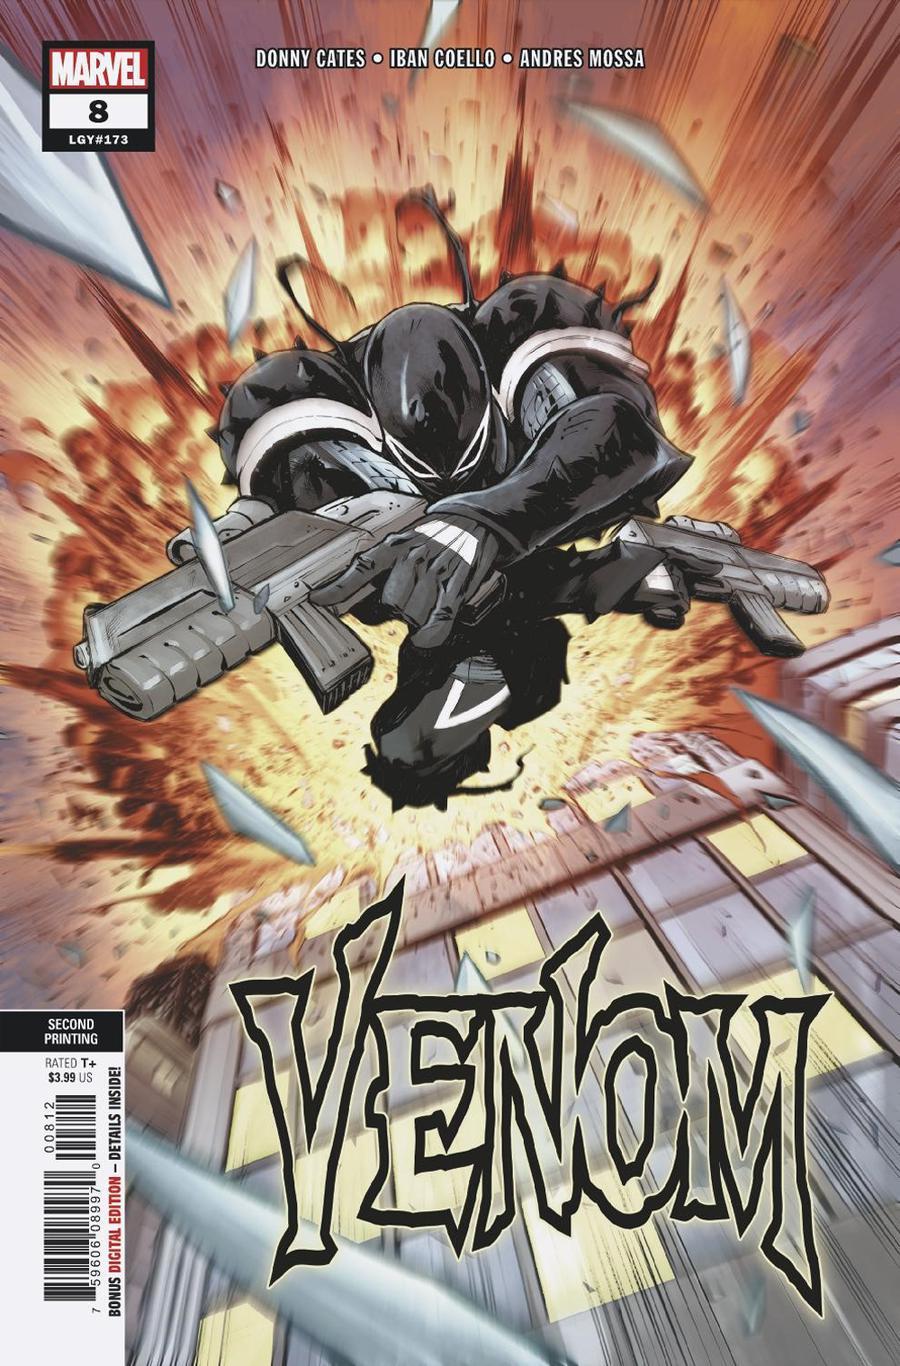 Venom Vol 4 #8 Cover C 2nd Ptg Variant Cover